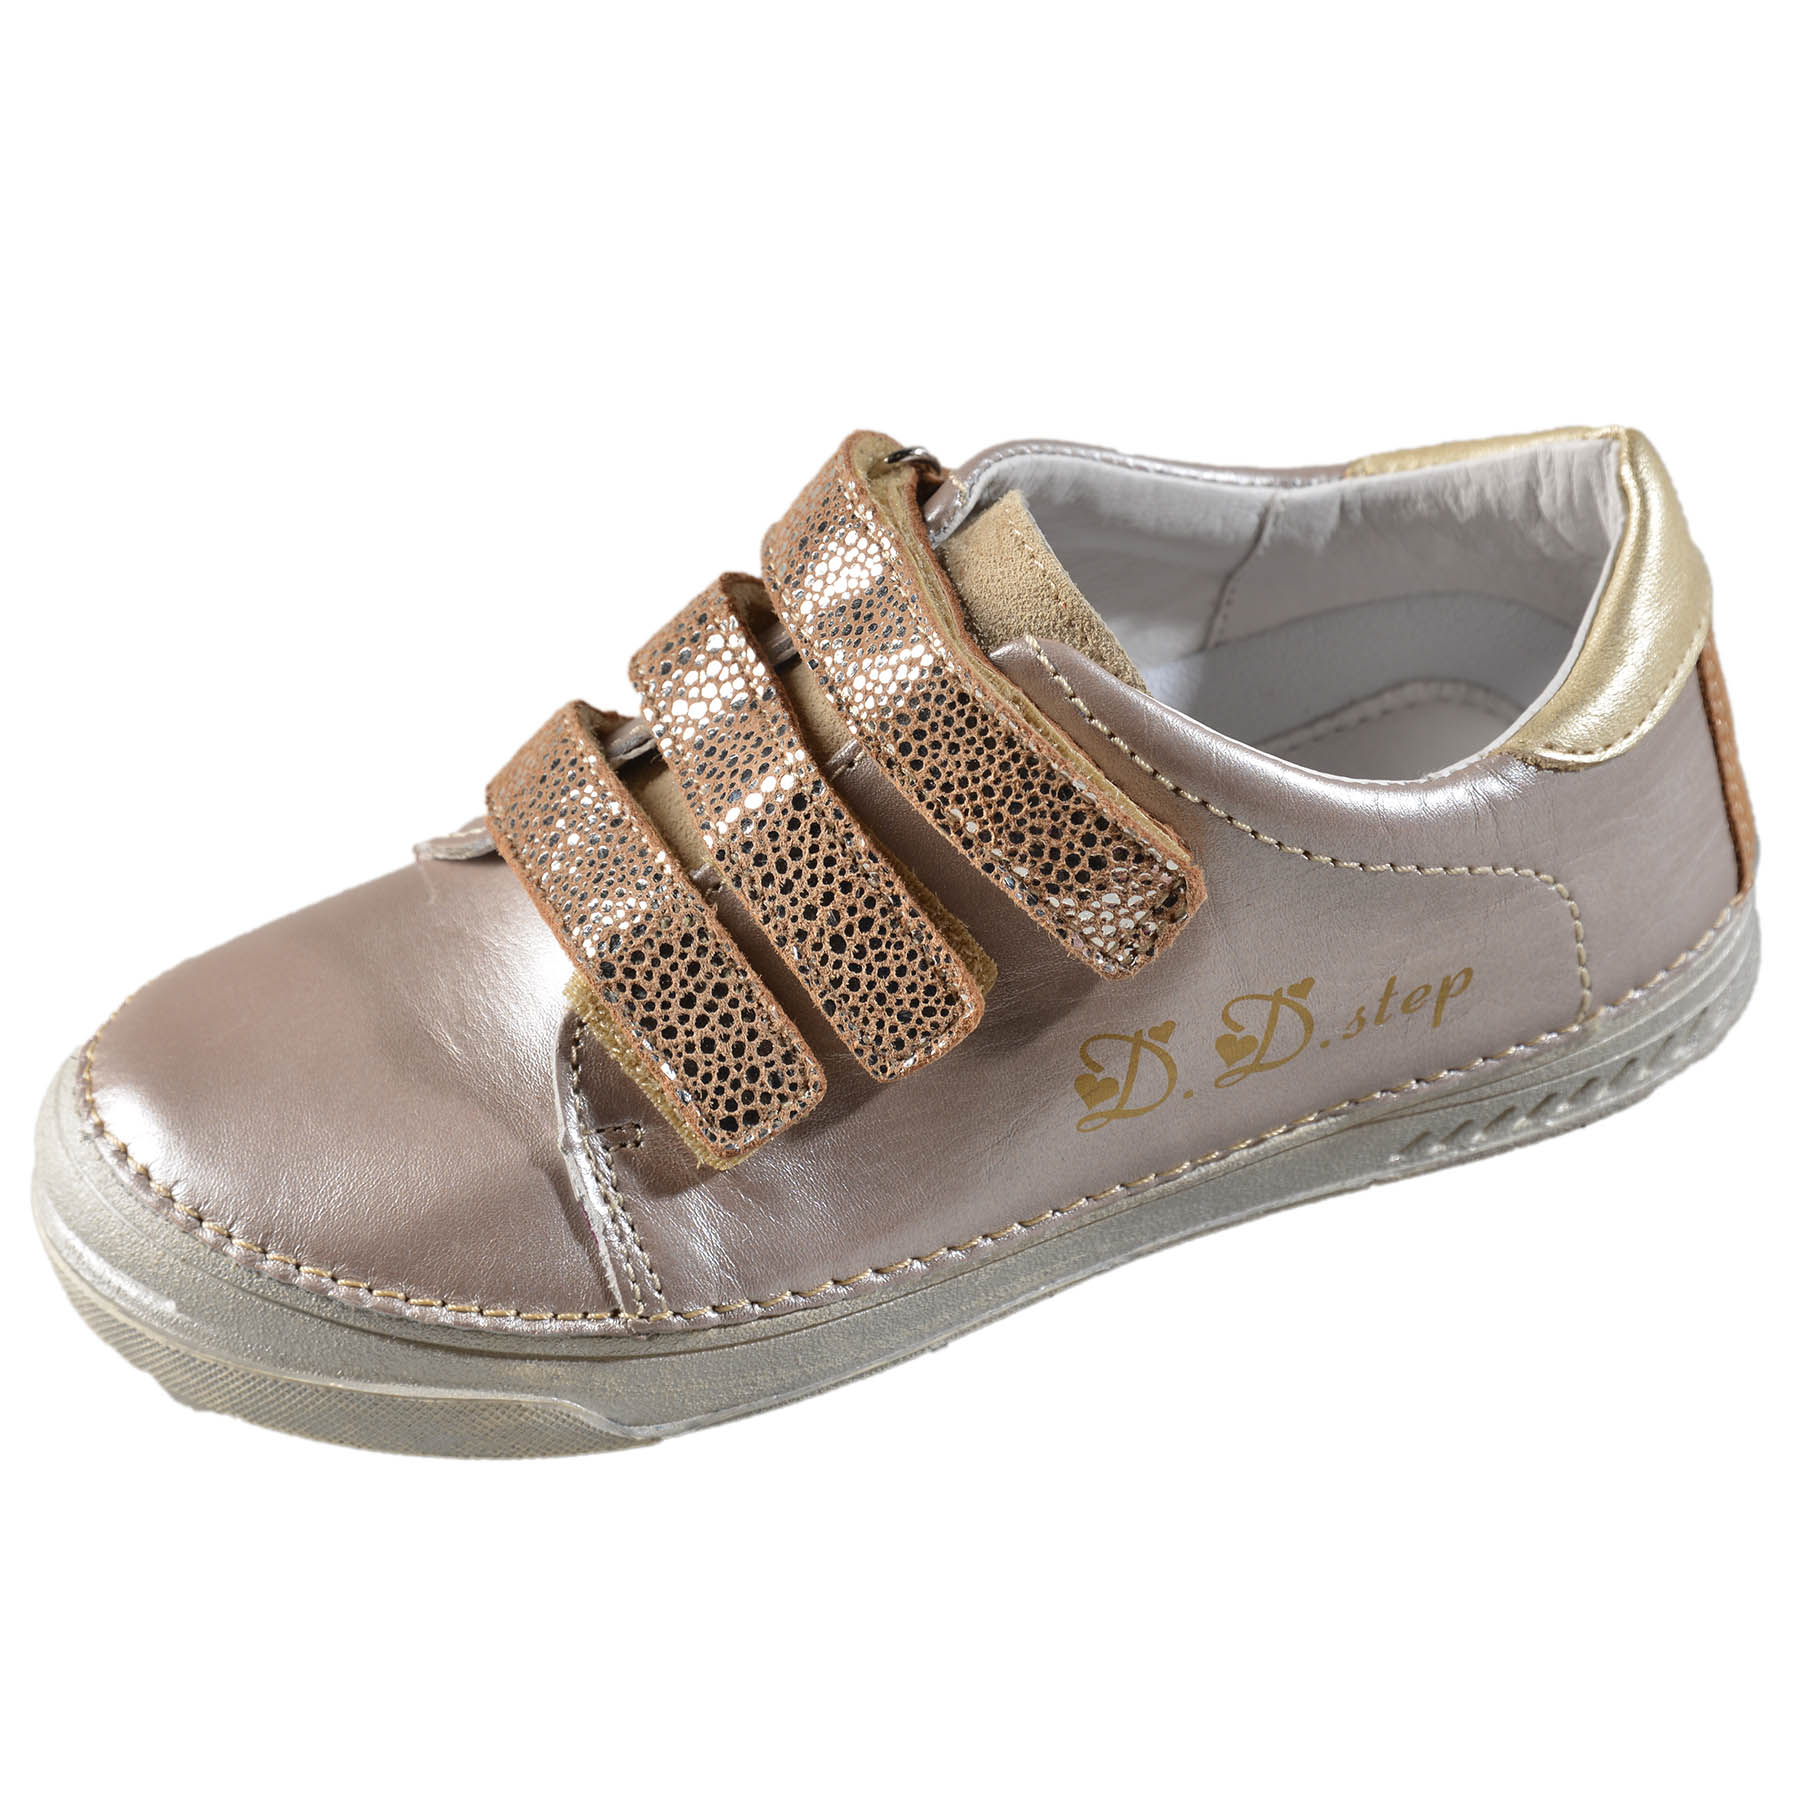 Dievčenské kožené prechodné topánky-Champagne DDstep - 040-409AM ... 98a753ecefe